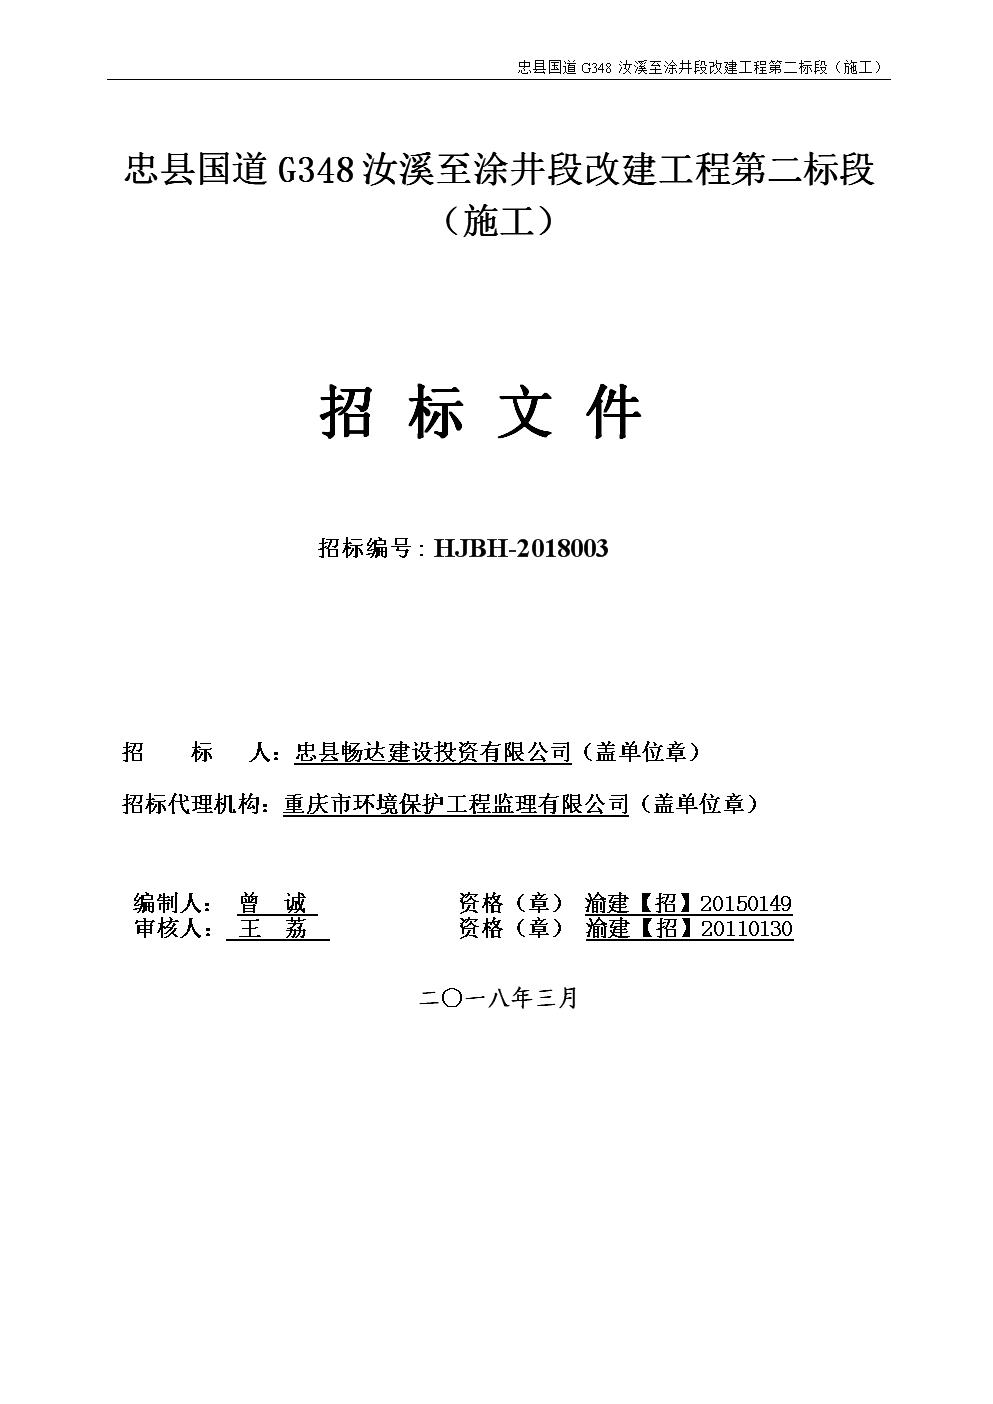 忠县国道G348汝溪至涂井段改建工程第二标段(施工)招标文件.doc